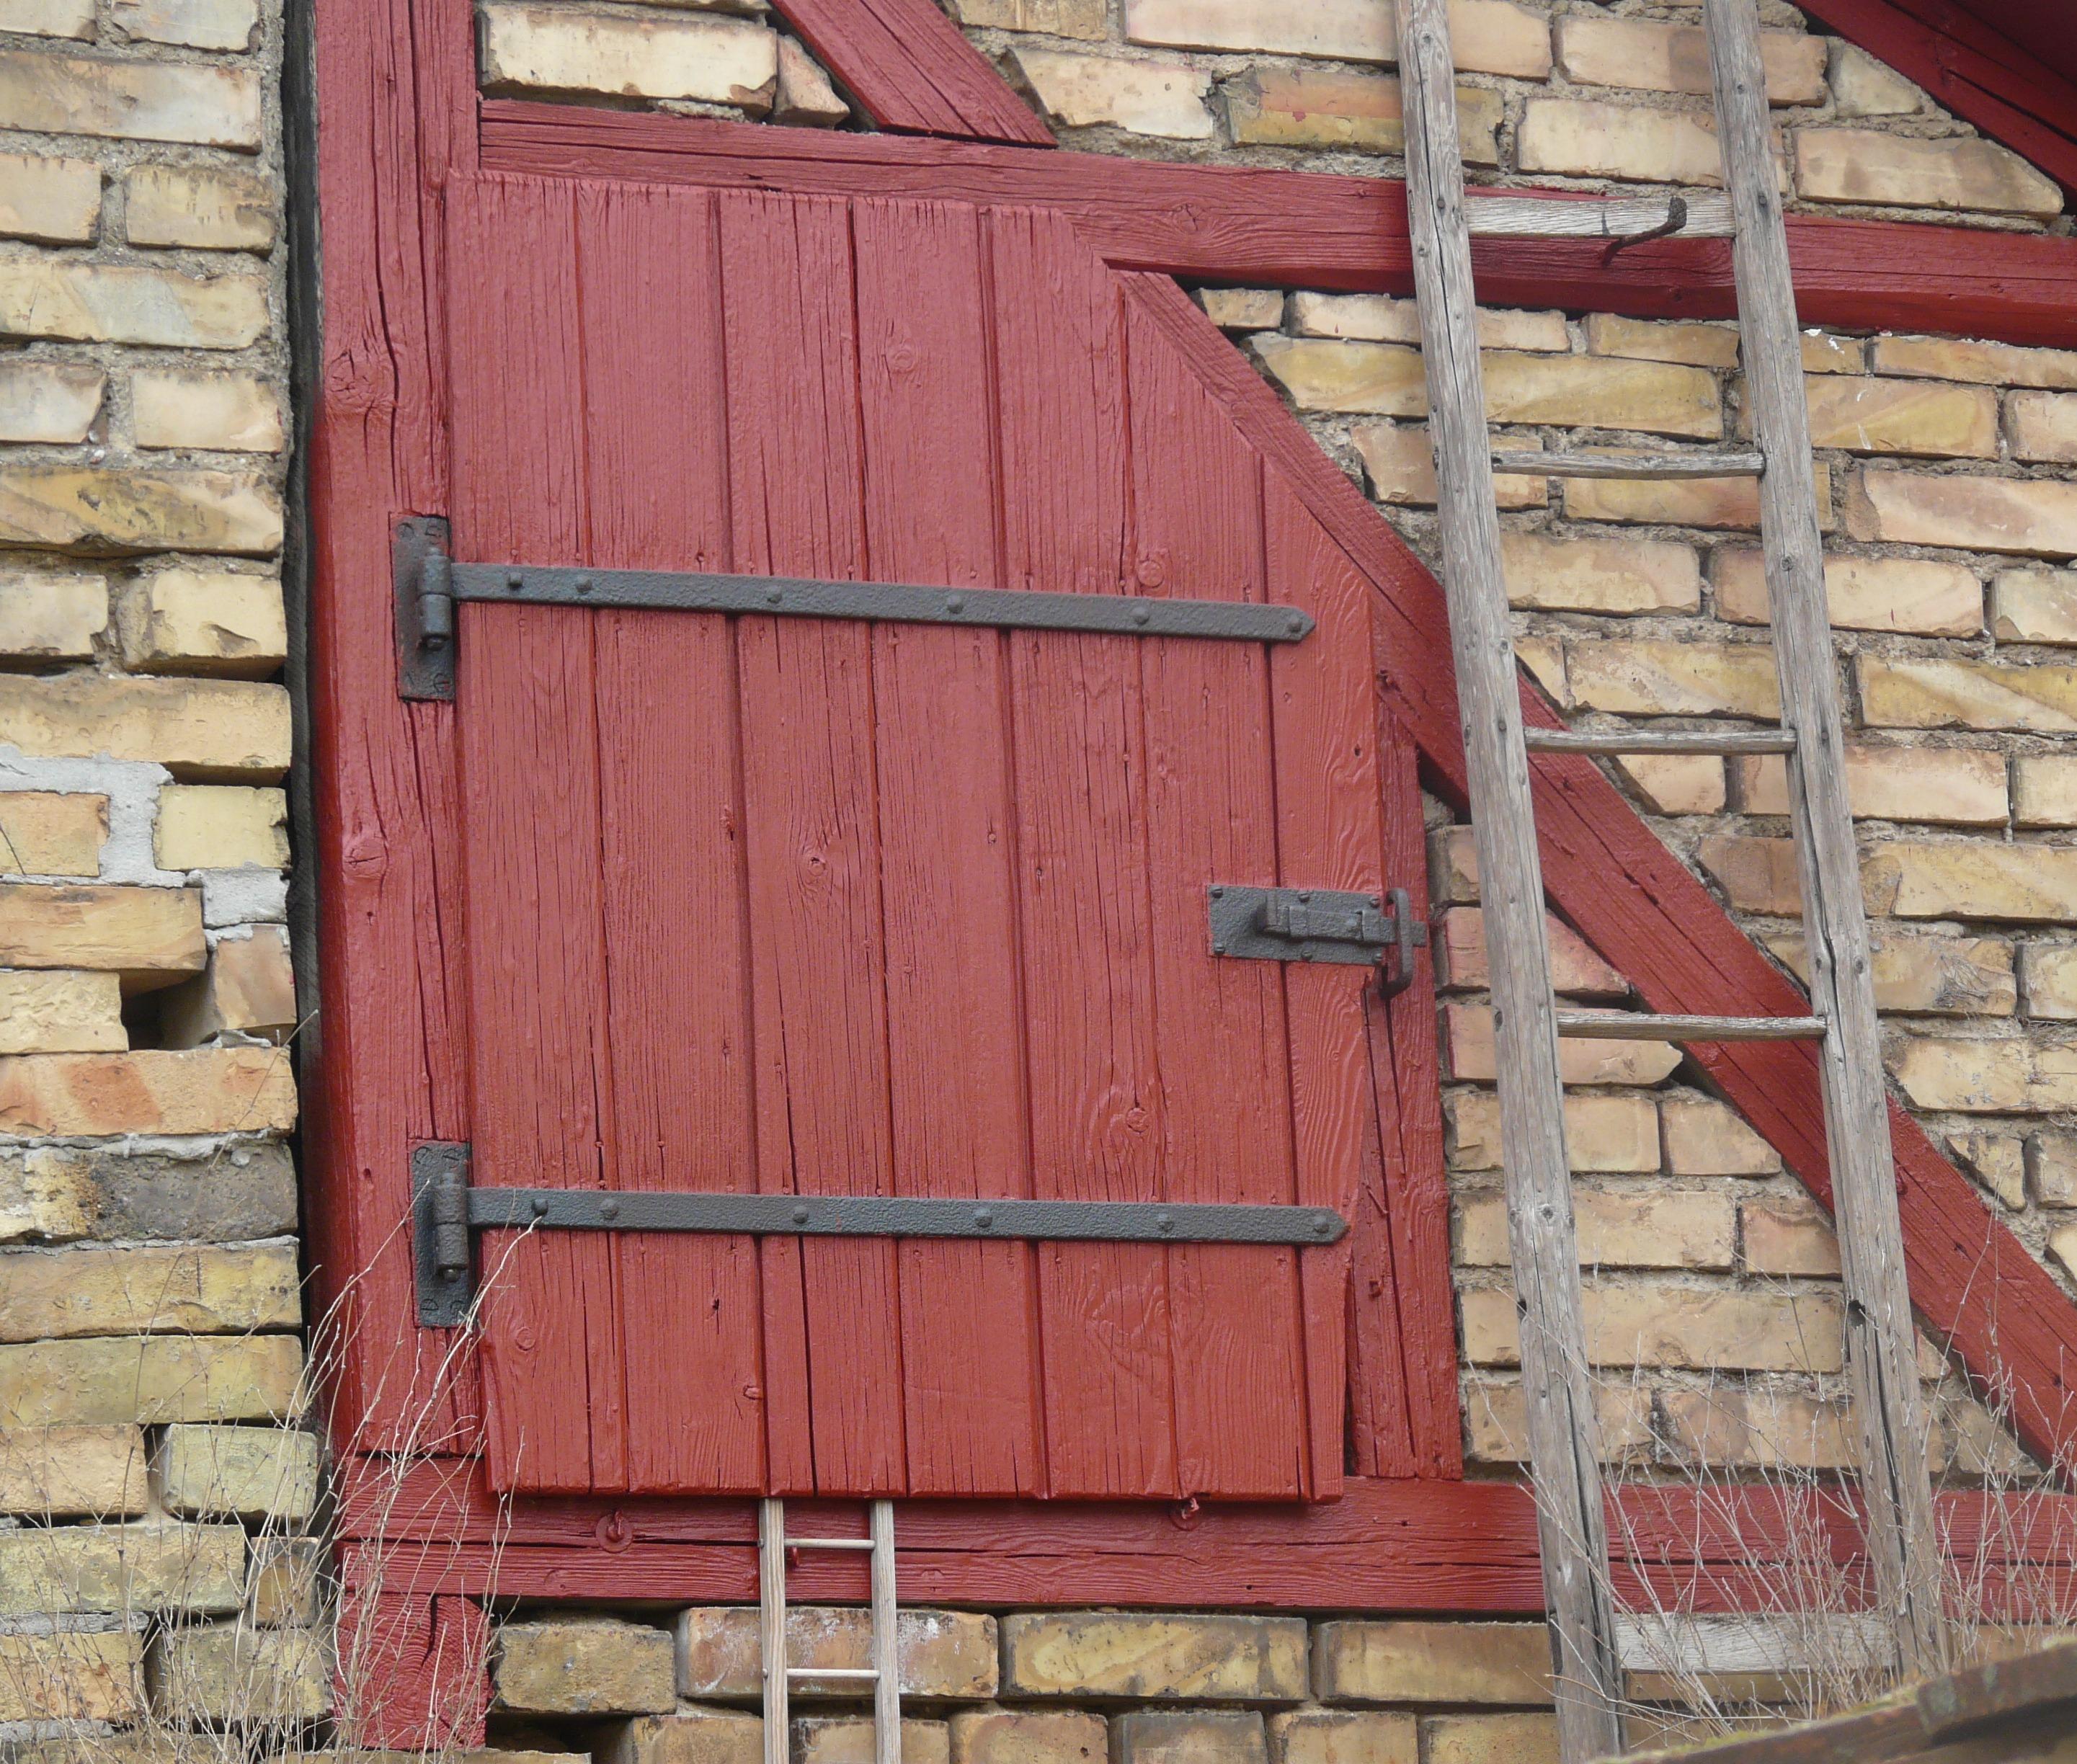 Fenetre Rustique images gratuites : fenêtre, grange, mur, cabanon, rustique, rouge